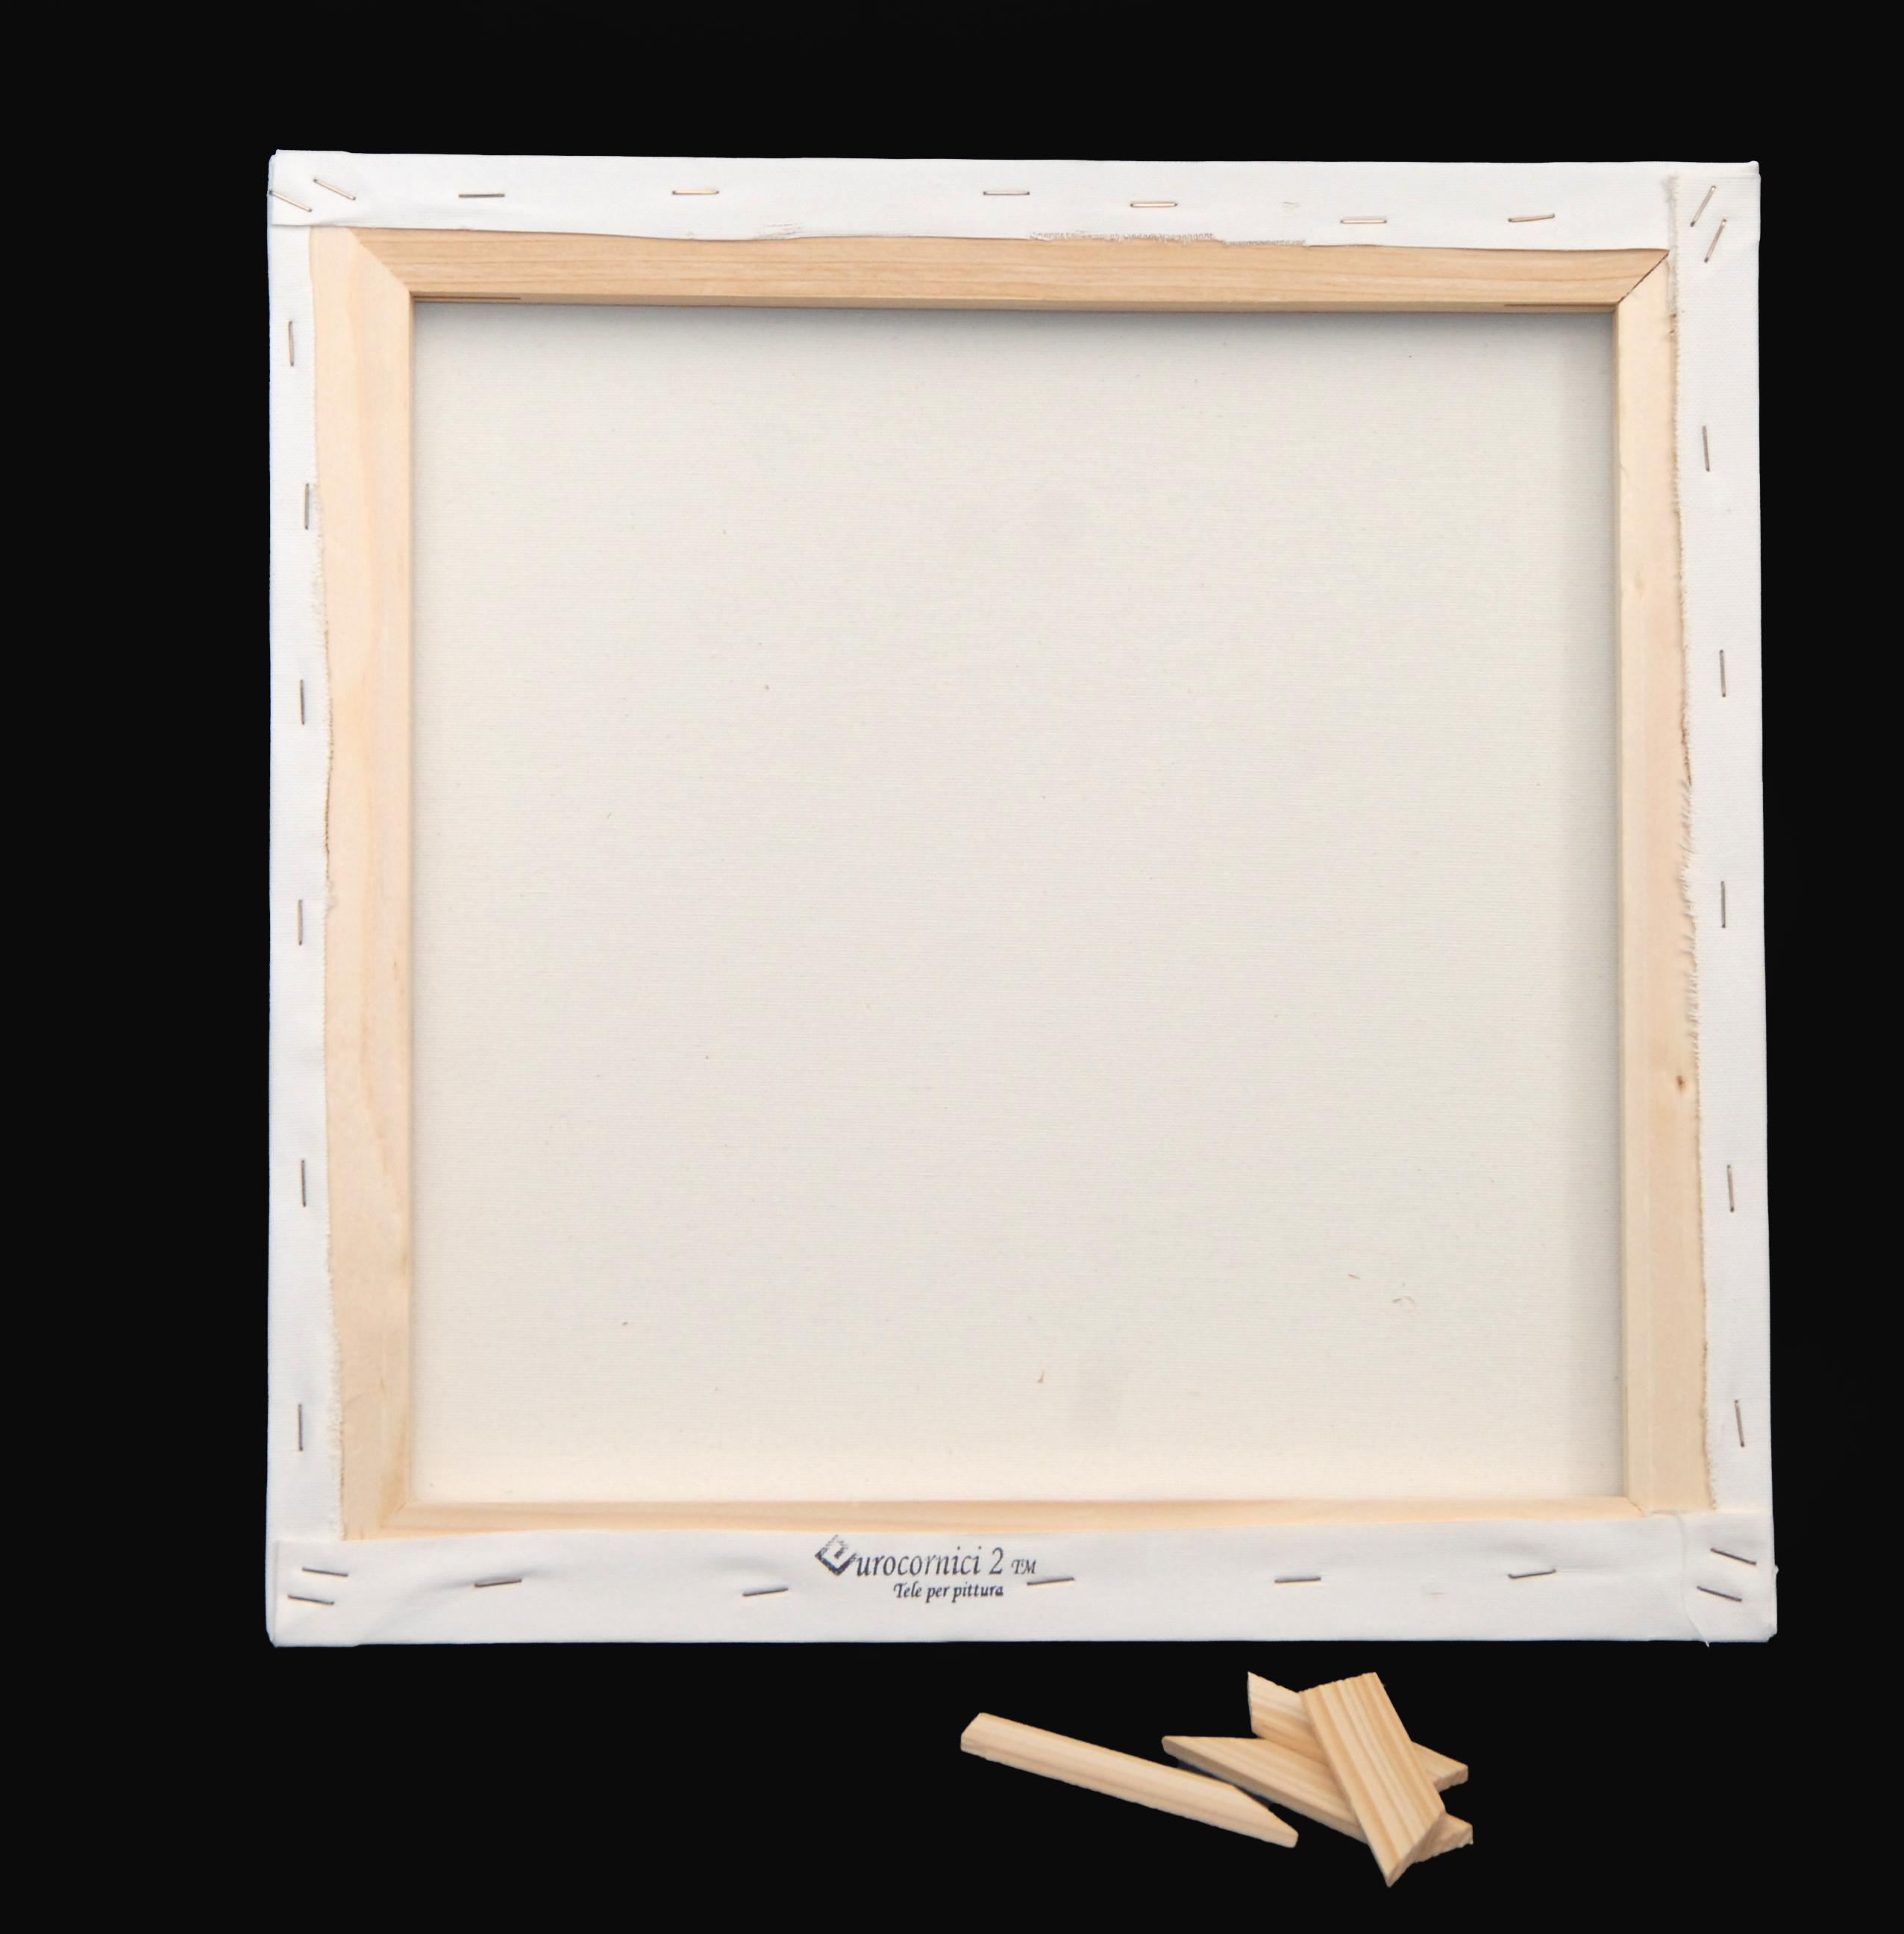 Tele Economiche in Misto Cotone per Dipingere - profilo 2 cm - Telaio Telato Misto Cotone 20mm